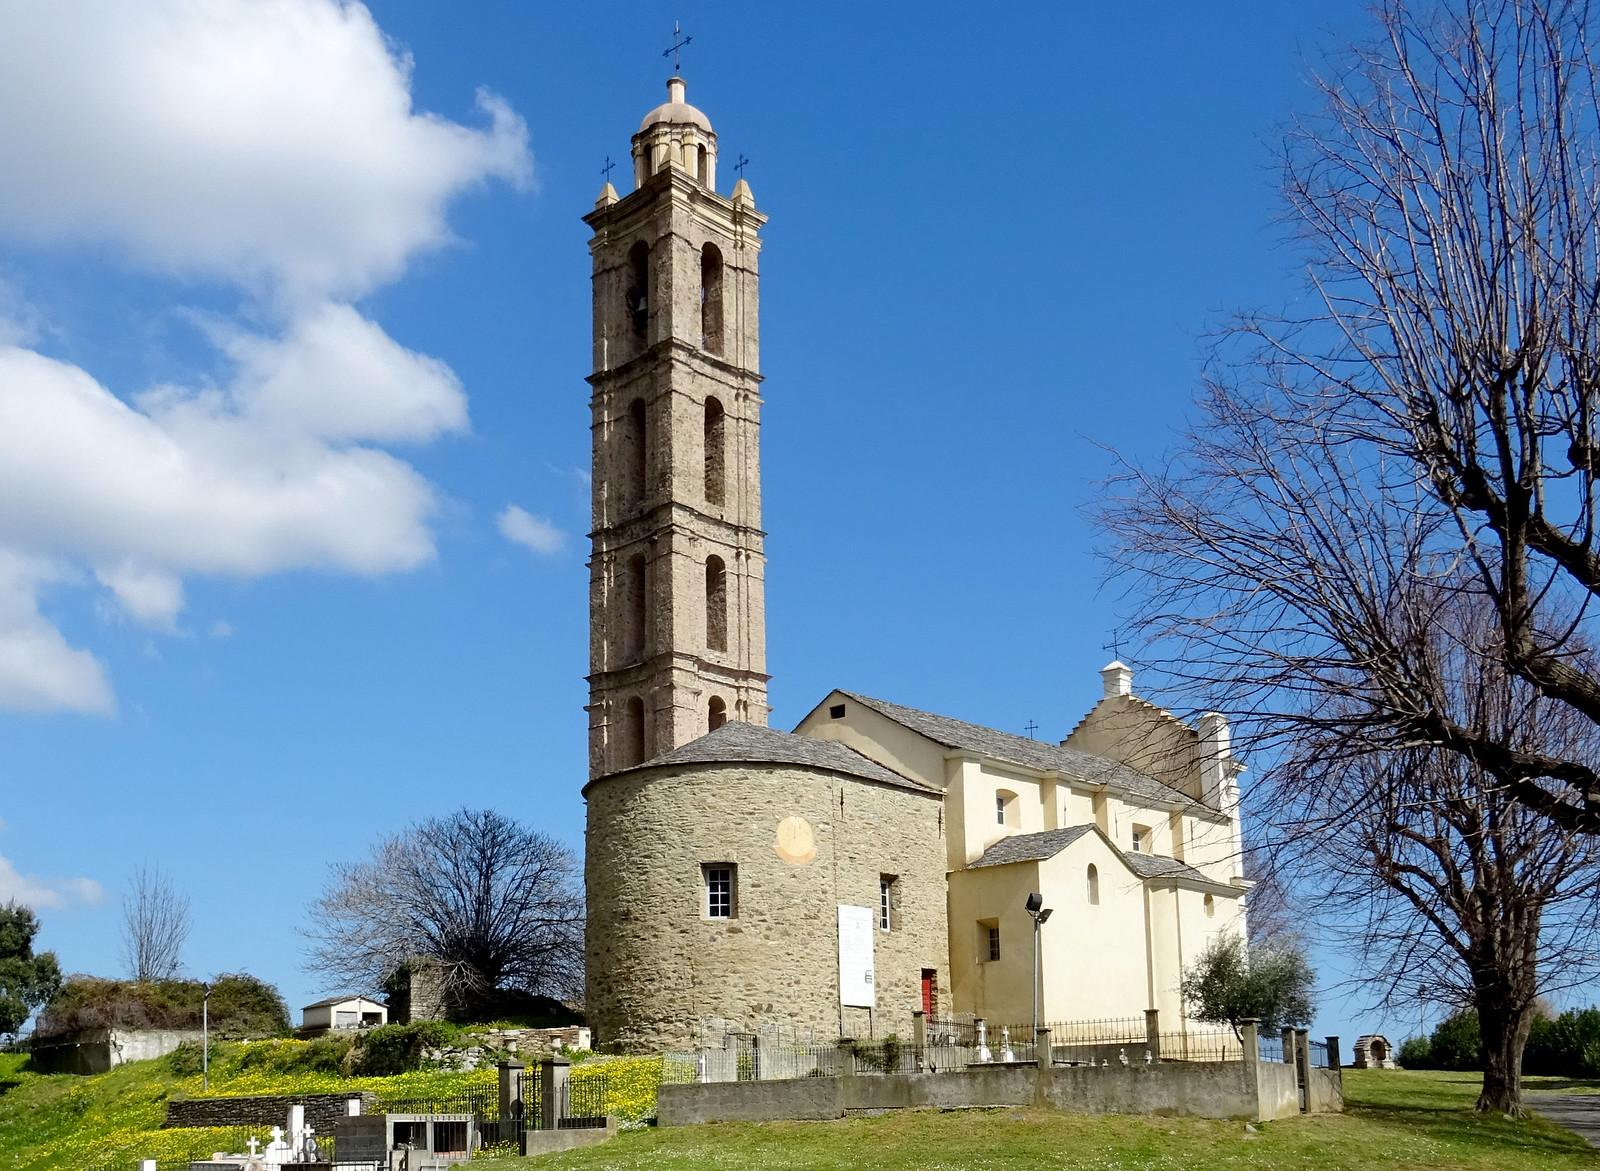 San Nicolao eglise Saint-Nicolas